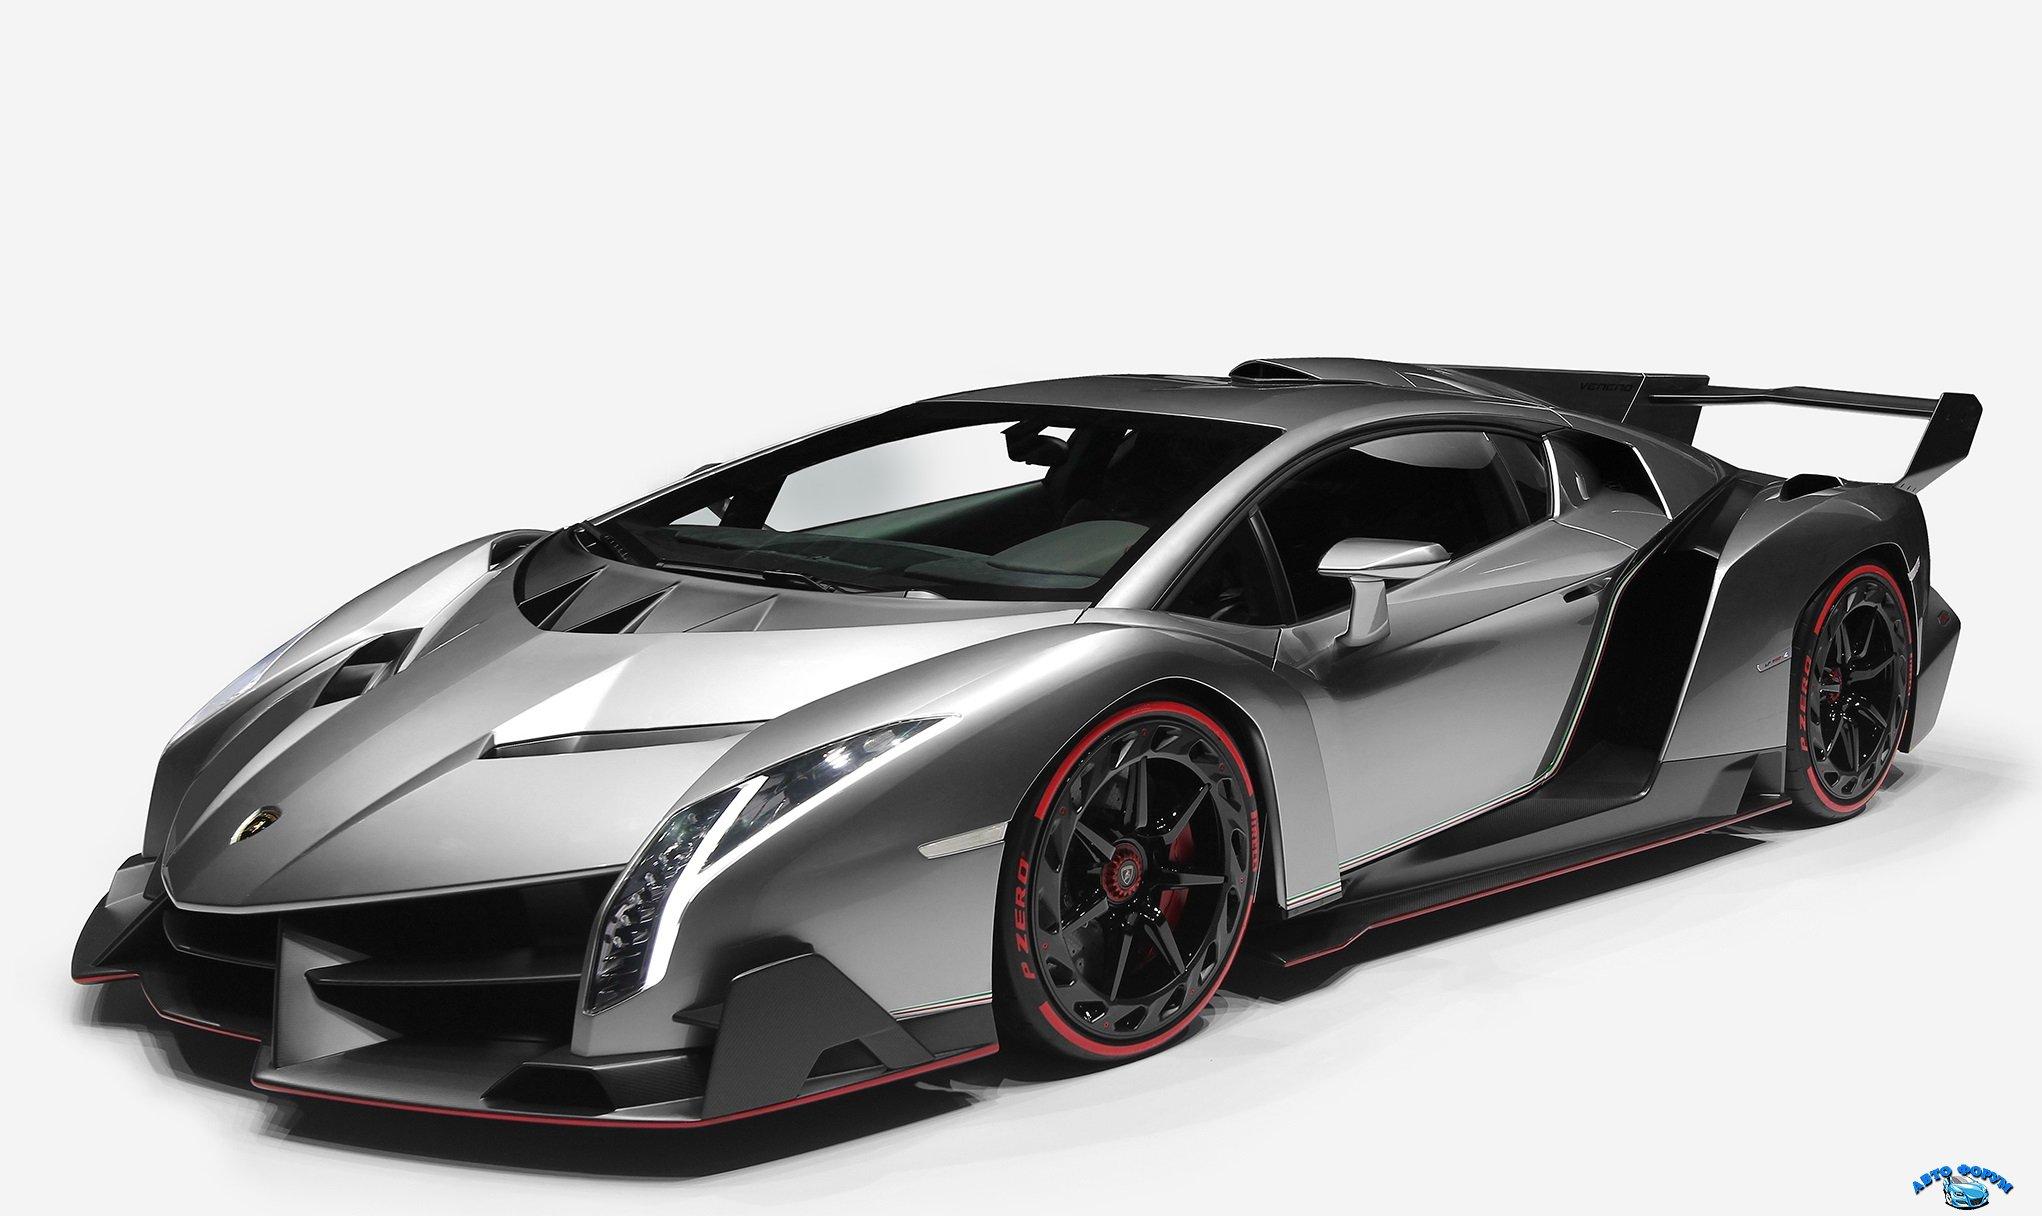 News-Lamborghini-Veneno-HD-Wallpapers-for-Desktop.jpg